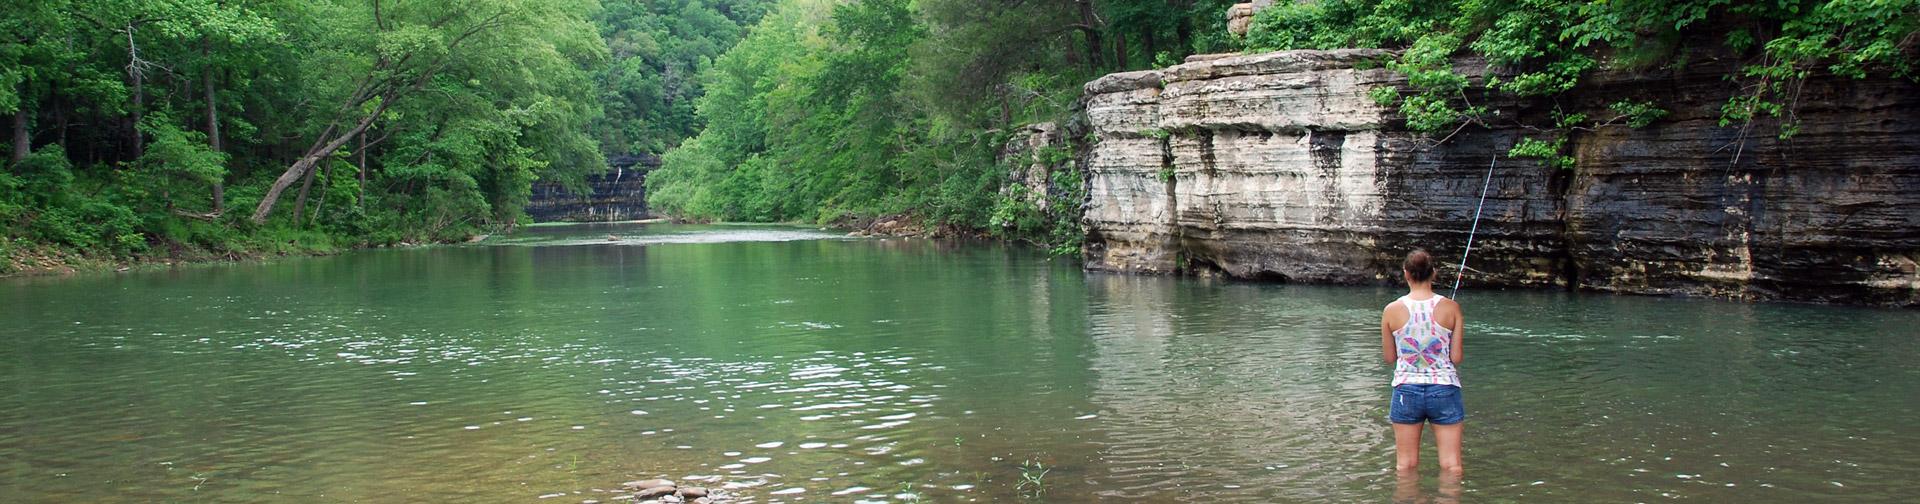 Fishing the Upper Buffalo River